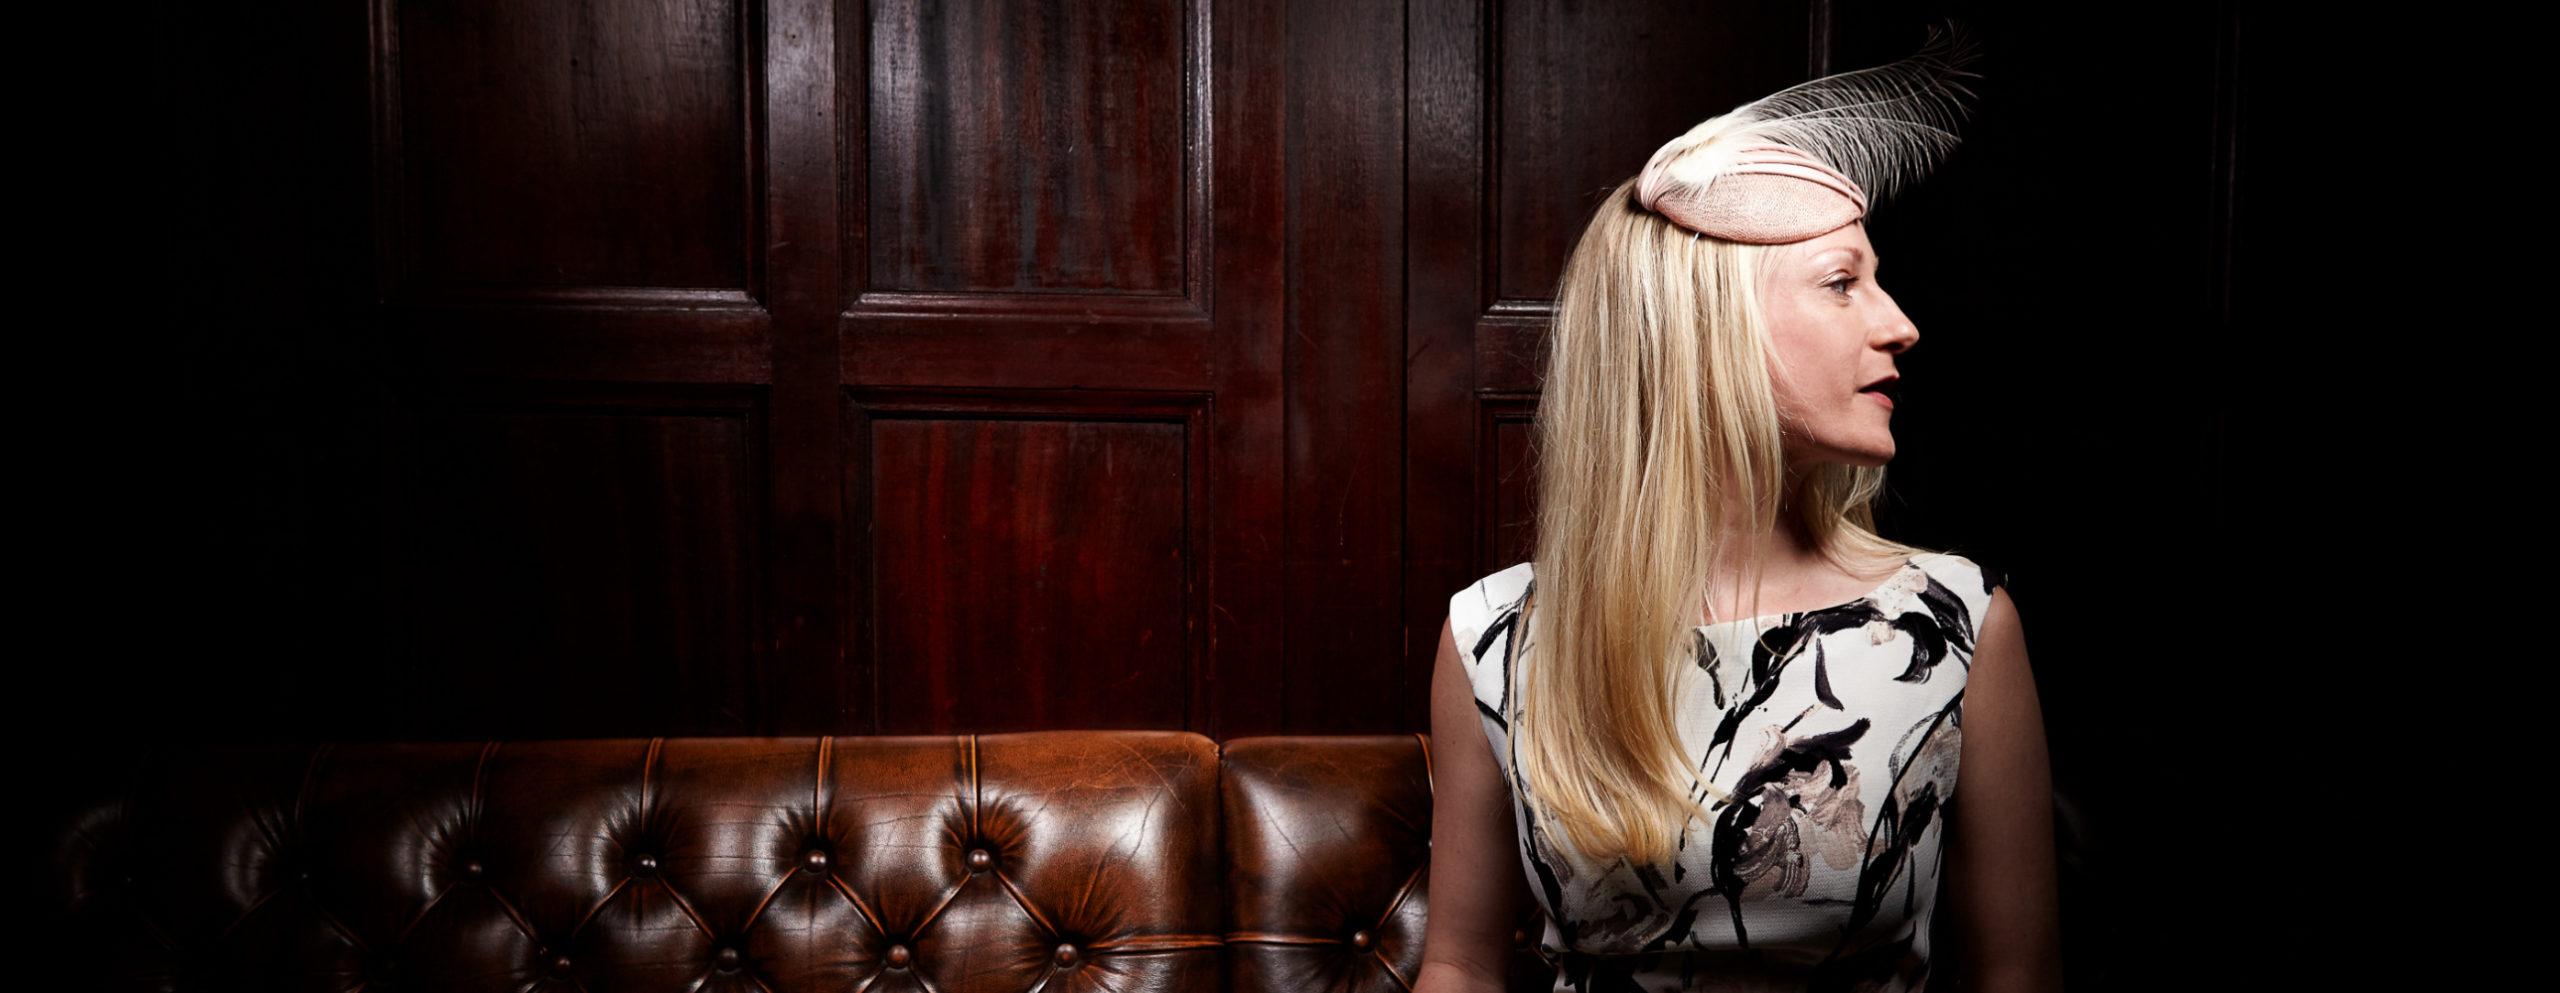 Elegante Mode und Fascinator in irischen Pub